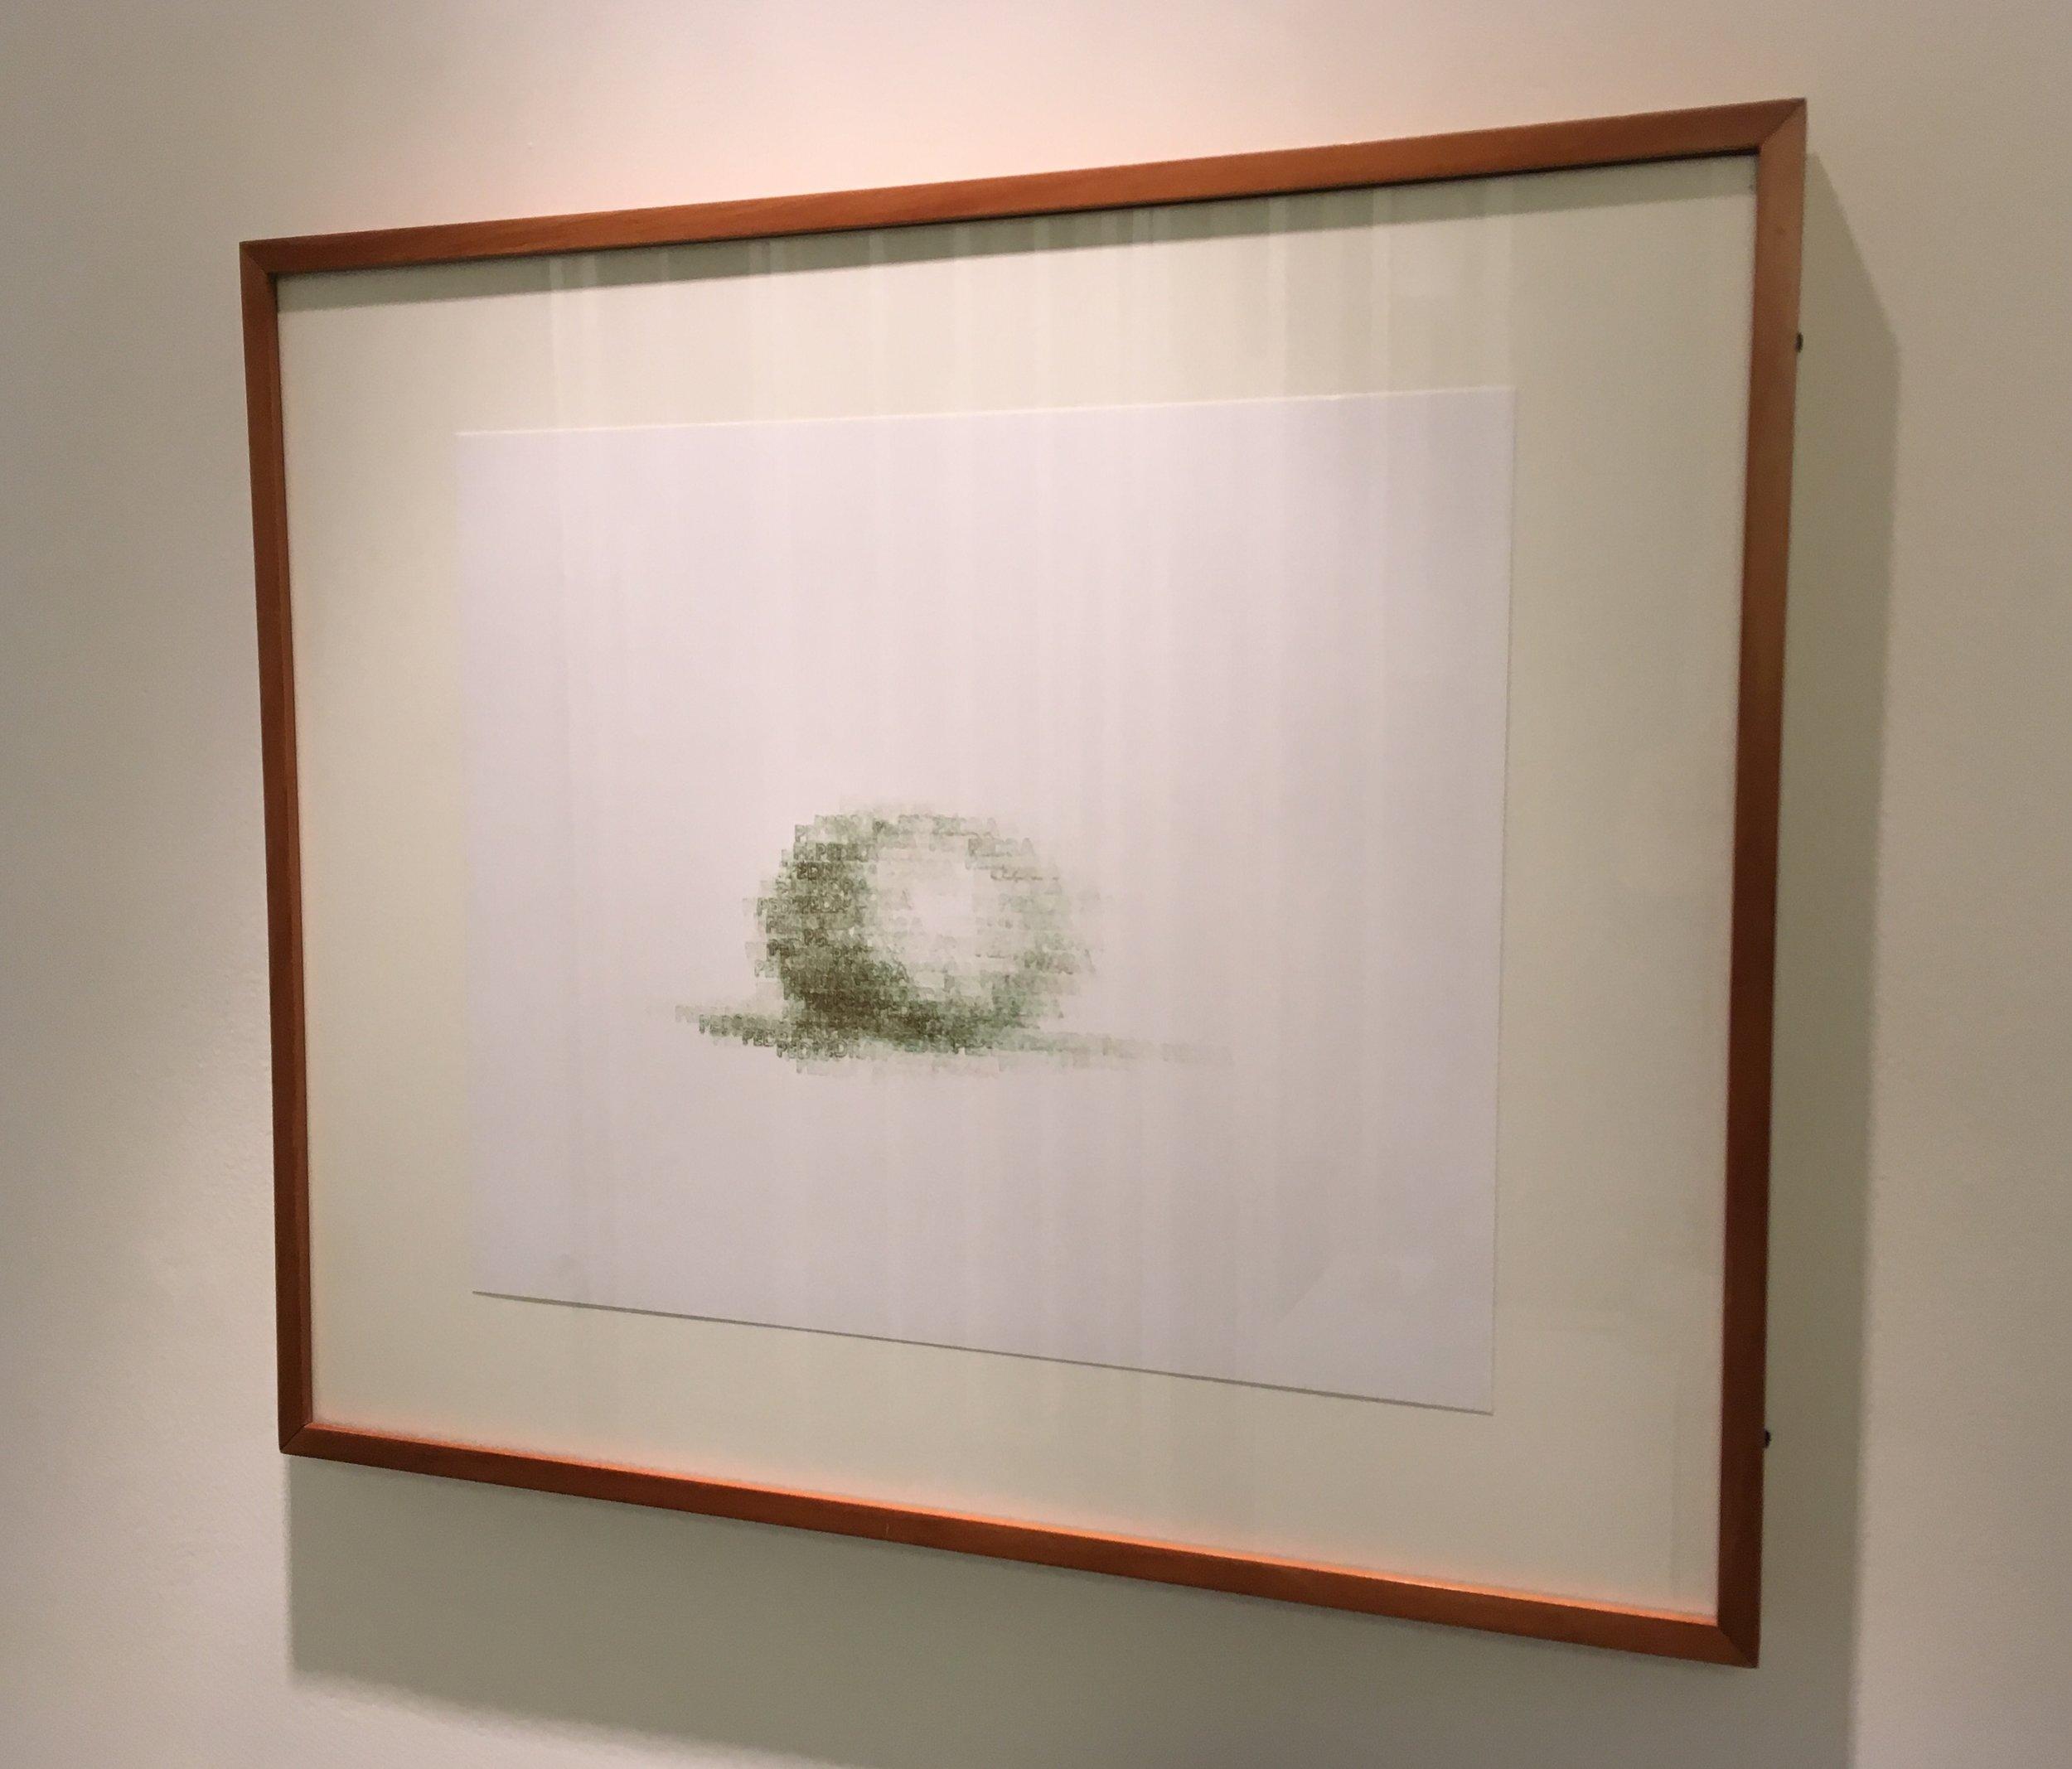 Copy of Pedra | 1998 | desenho | tinta tipográfica/carimbo sobre papel | 29 x 35 (sem moldura)| 43 x 51 (com moldura)